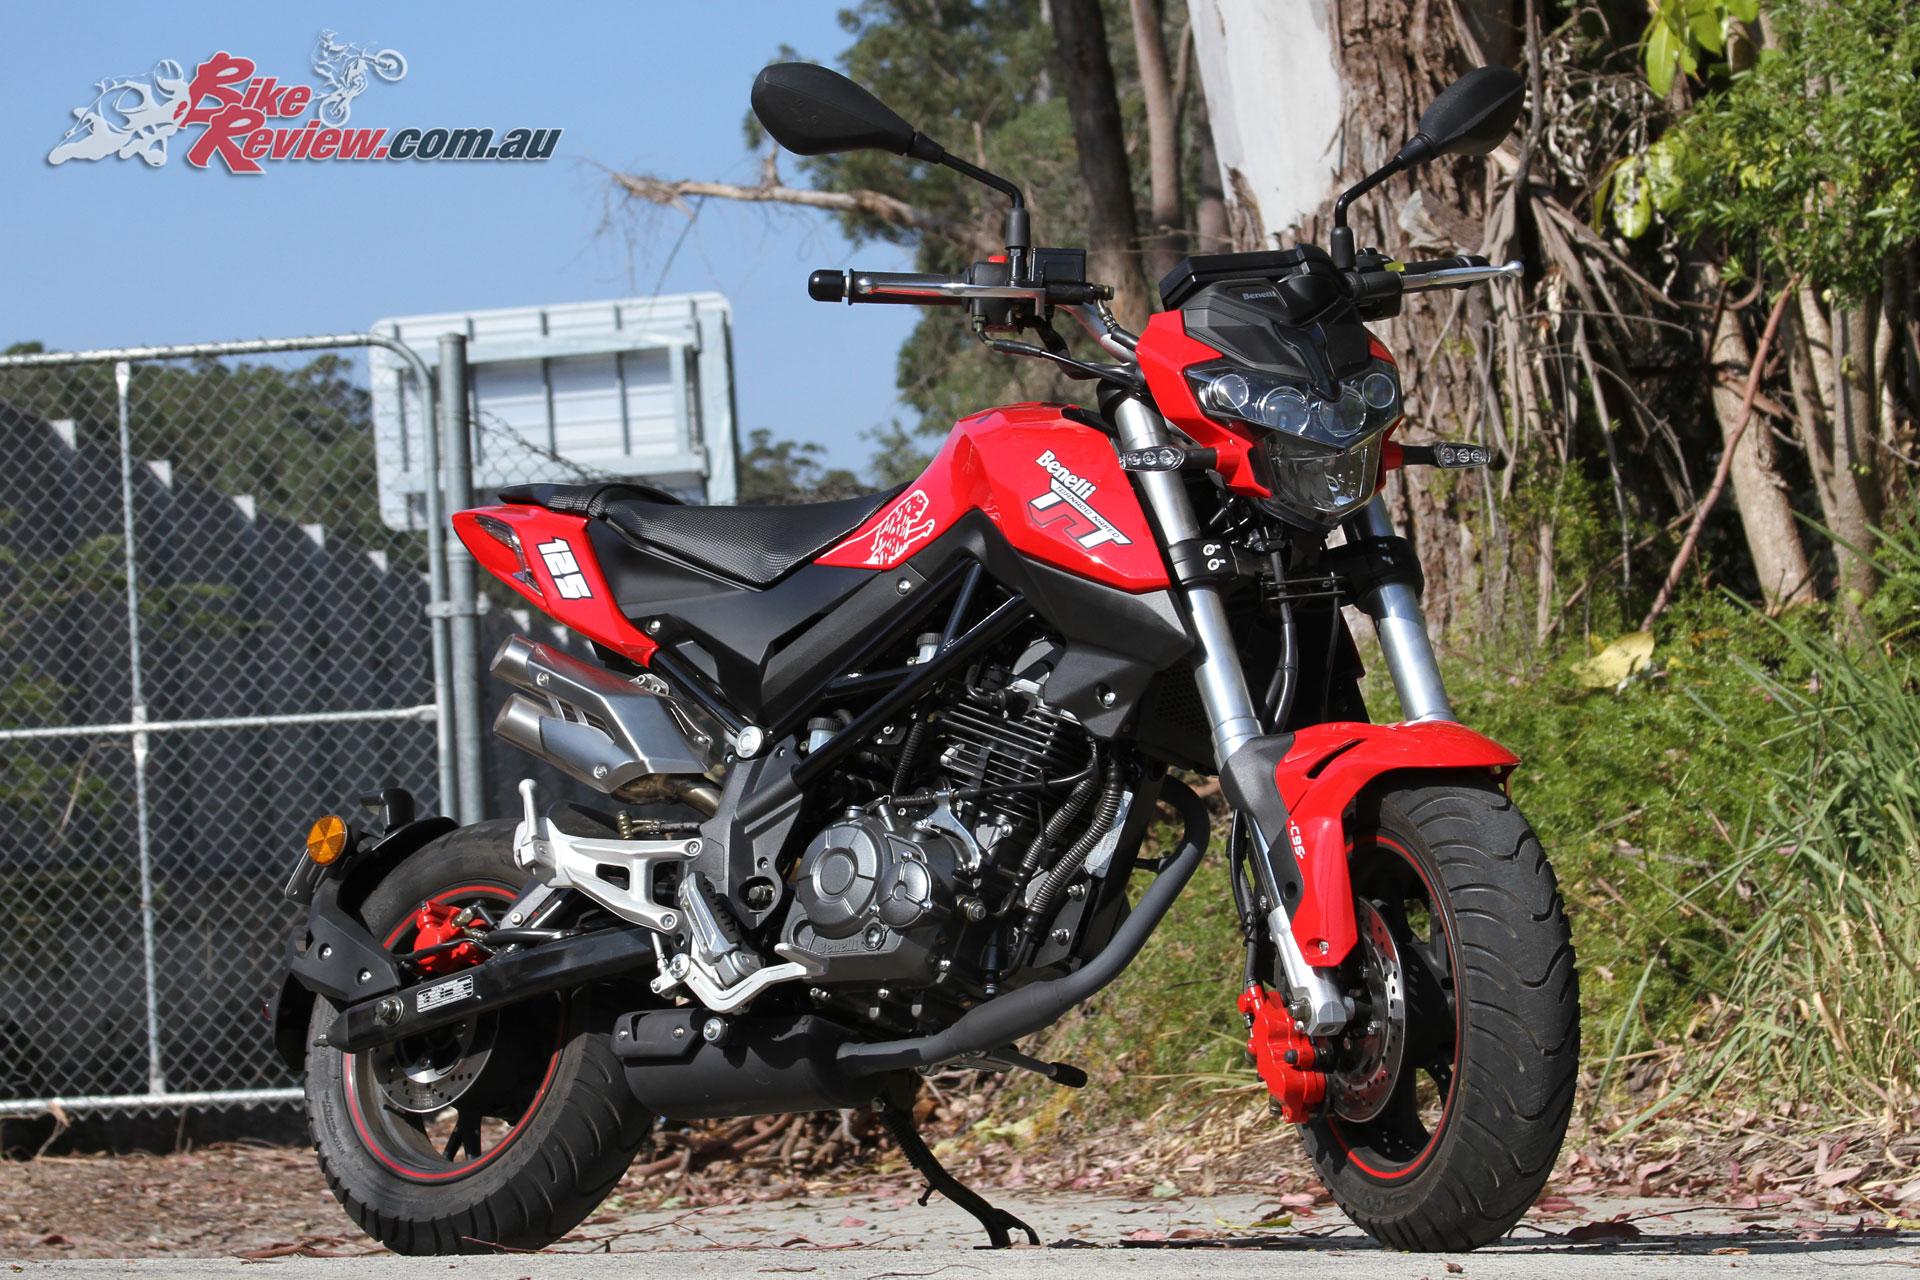 Honda Riding Gear >> Review: 2017 Benelli TnT 125 Tornado - Bike Review